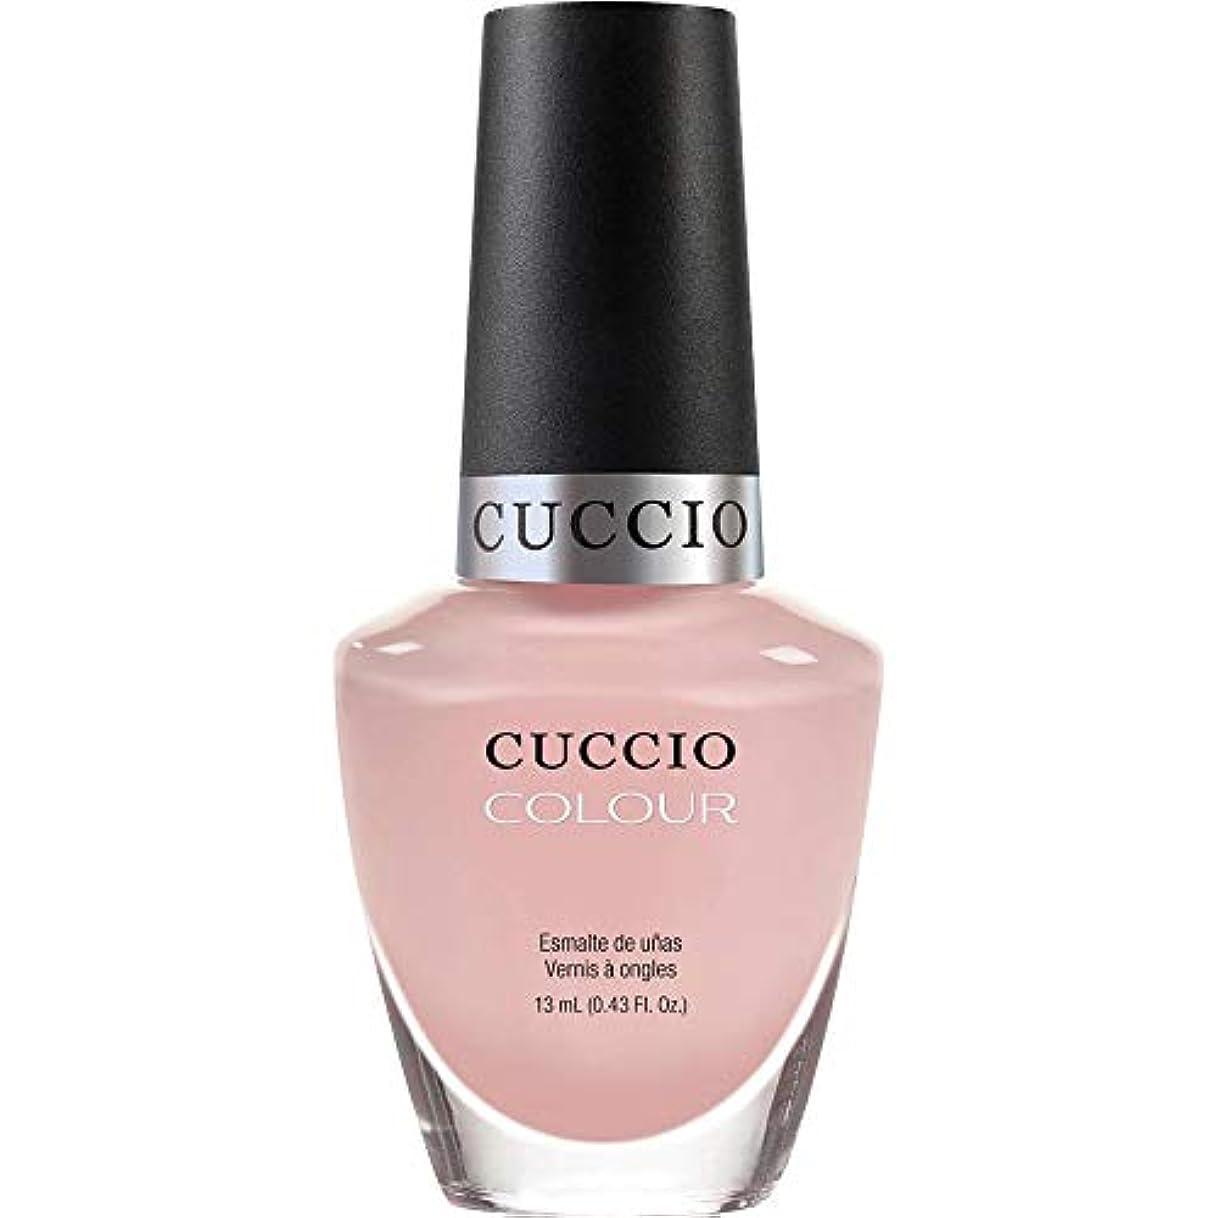 Cuccio Colour Gloss Lacquer - On Sail - 0.43oz / 13ml